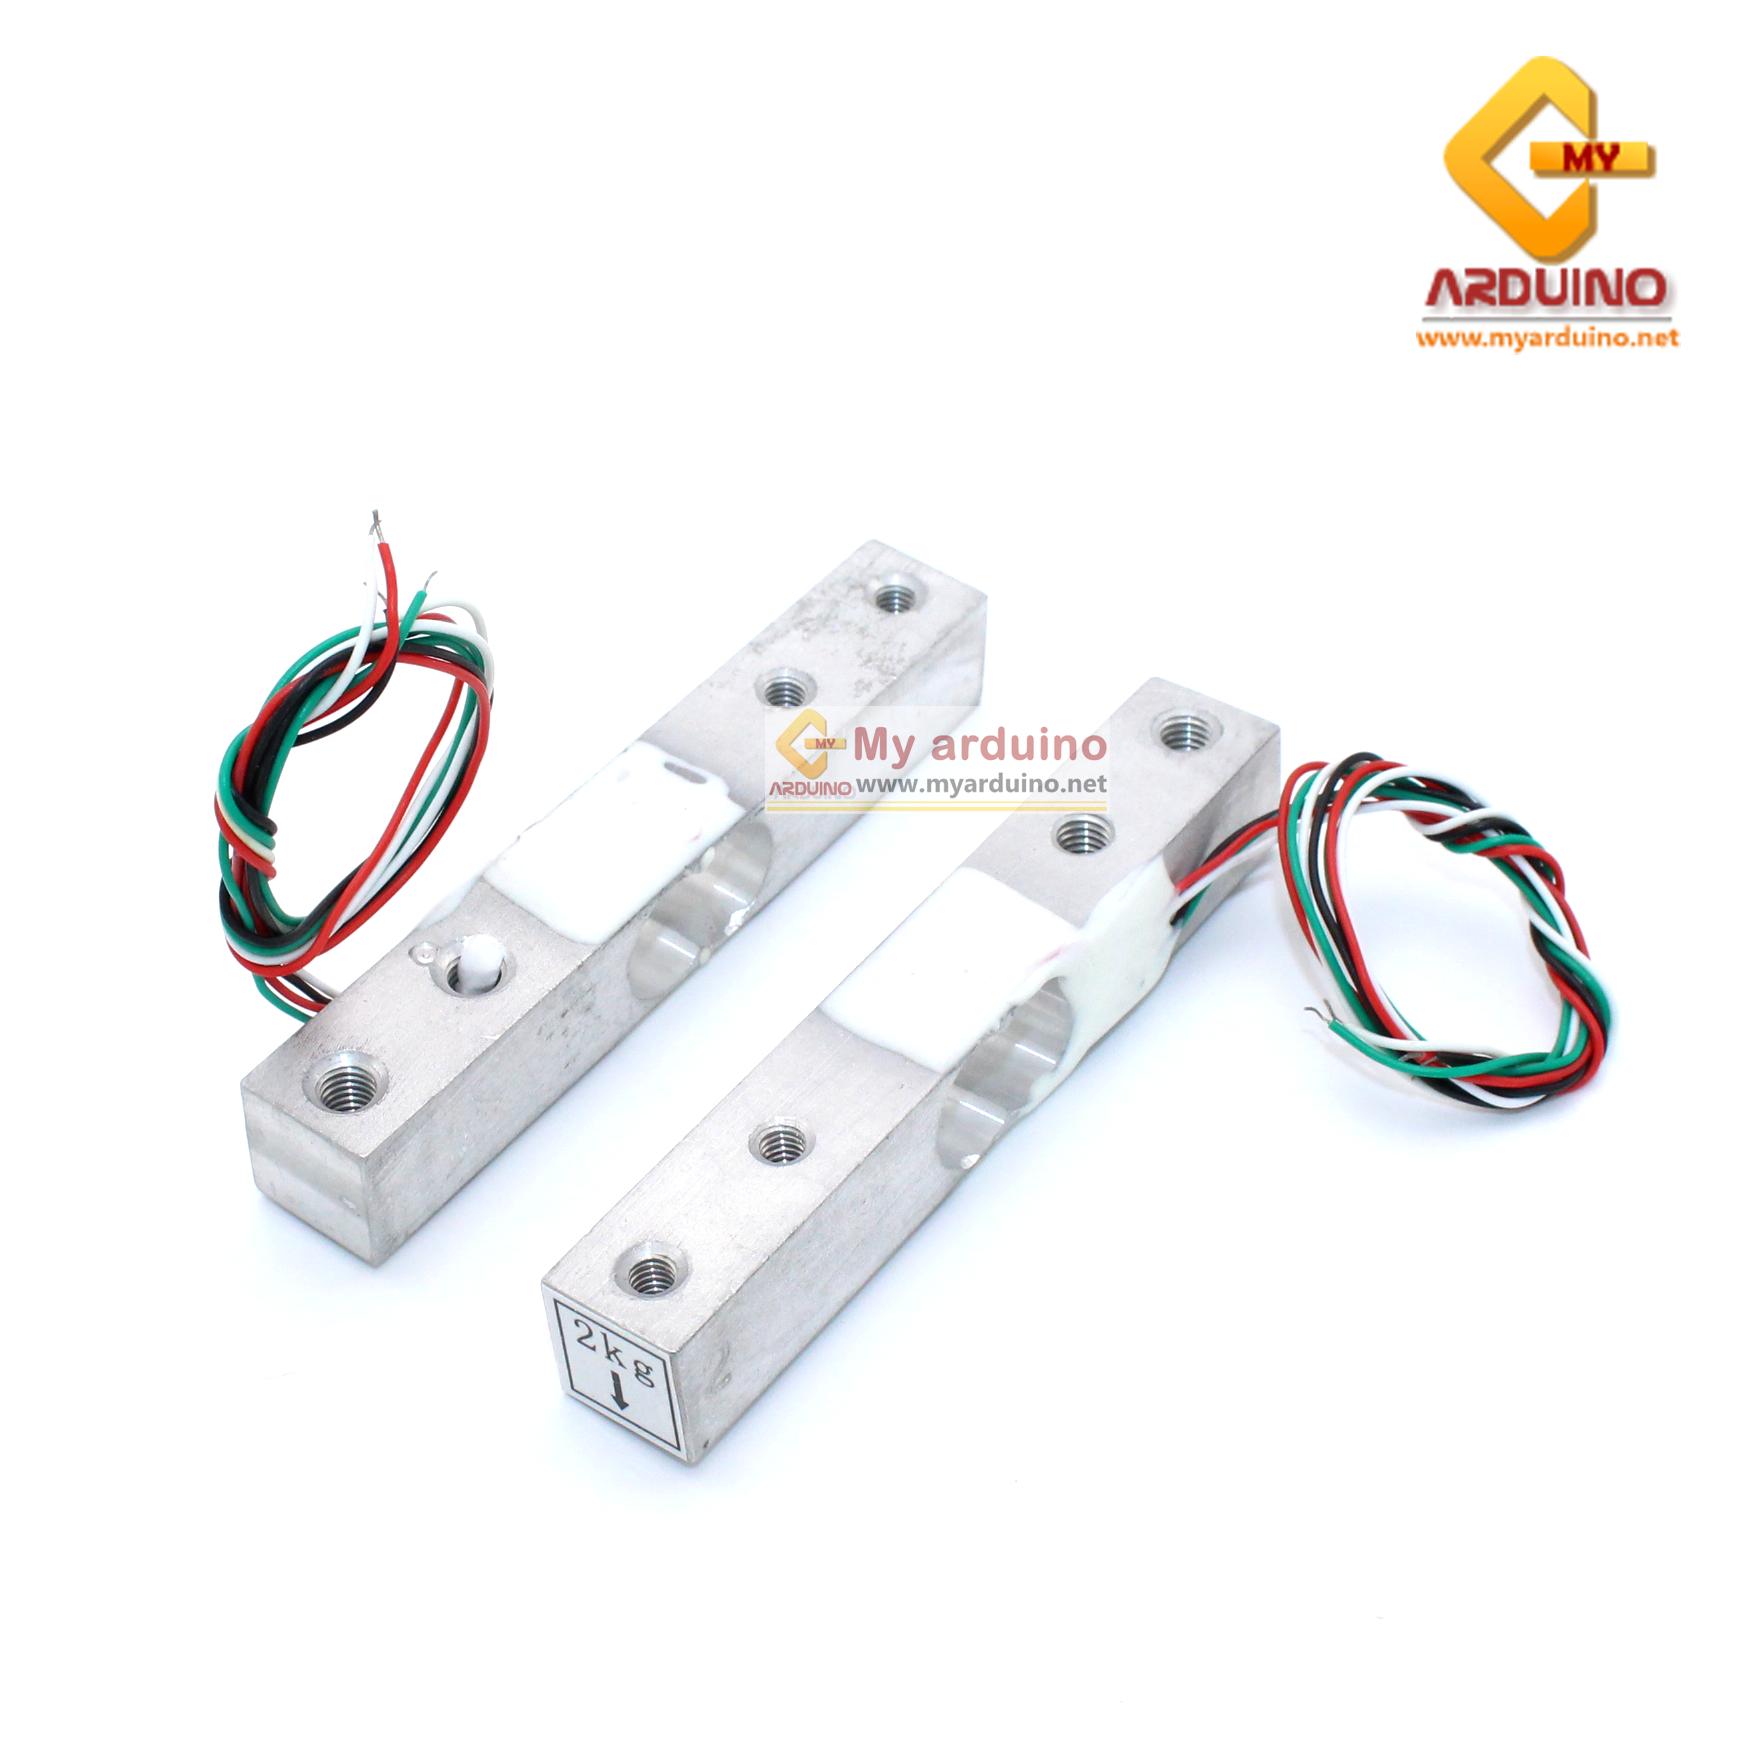 Load Cell Weight Sensor 2 Kg เซนเซอร์วัดน้ำหนัก Load Cell วัดได้สูงสุด 2KG